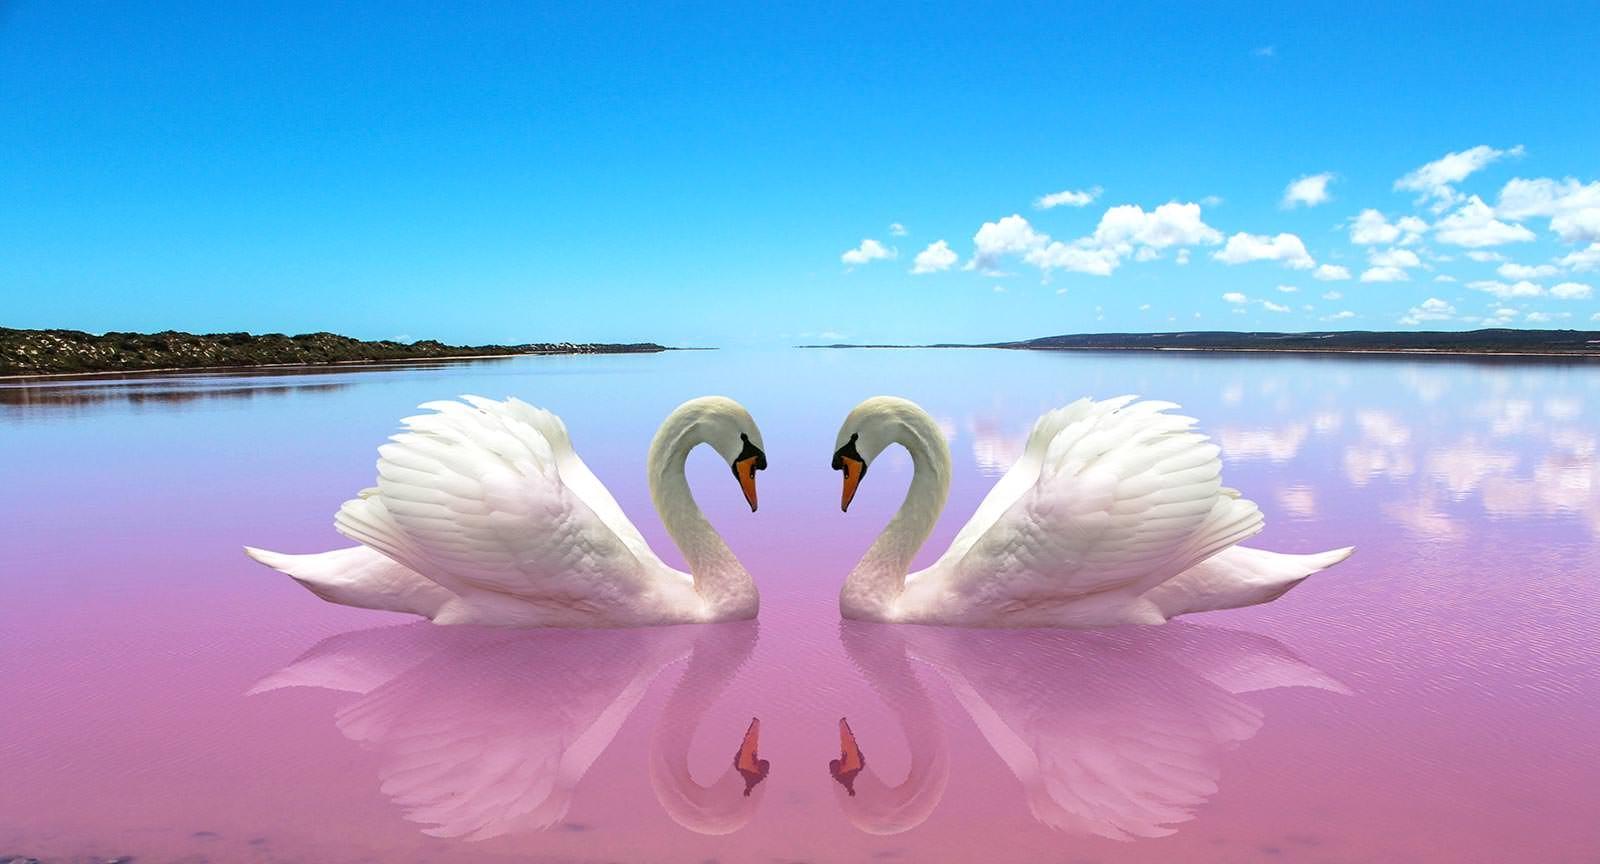 Обои на телефон с лебедями (18)